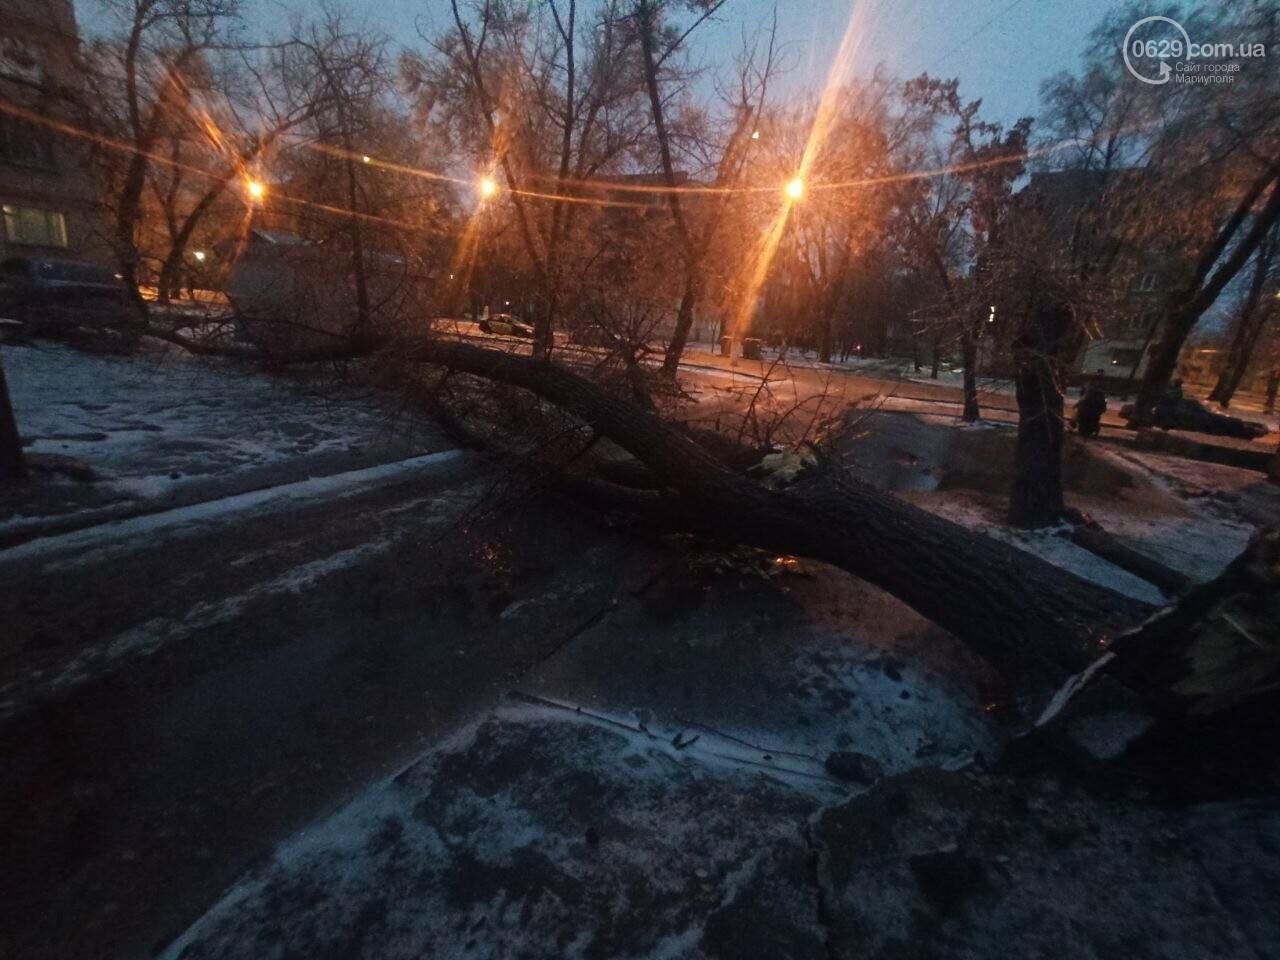 Непогода в Мариуполе: обледенения, поваленные деревья и аварии на дорогах, - ФОТО, фото-1